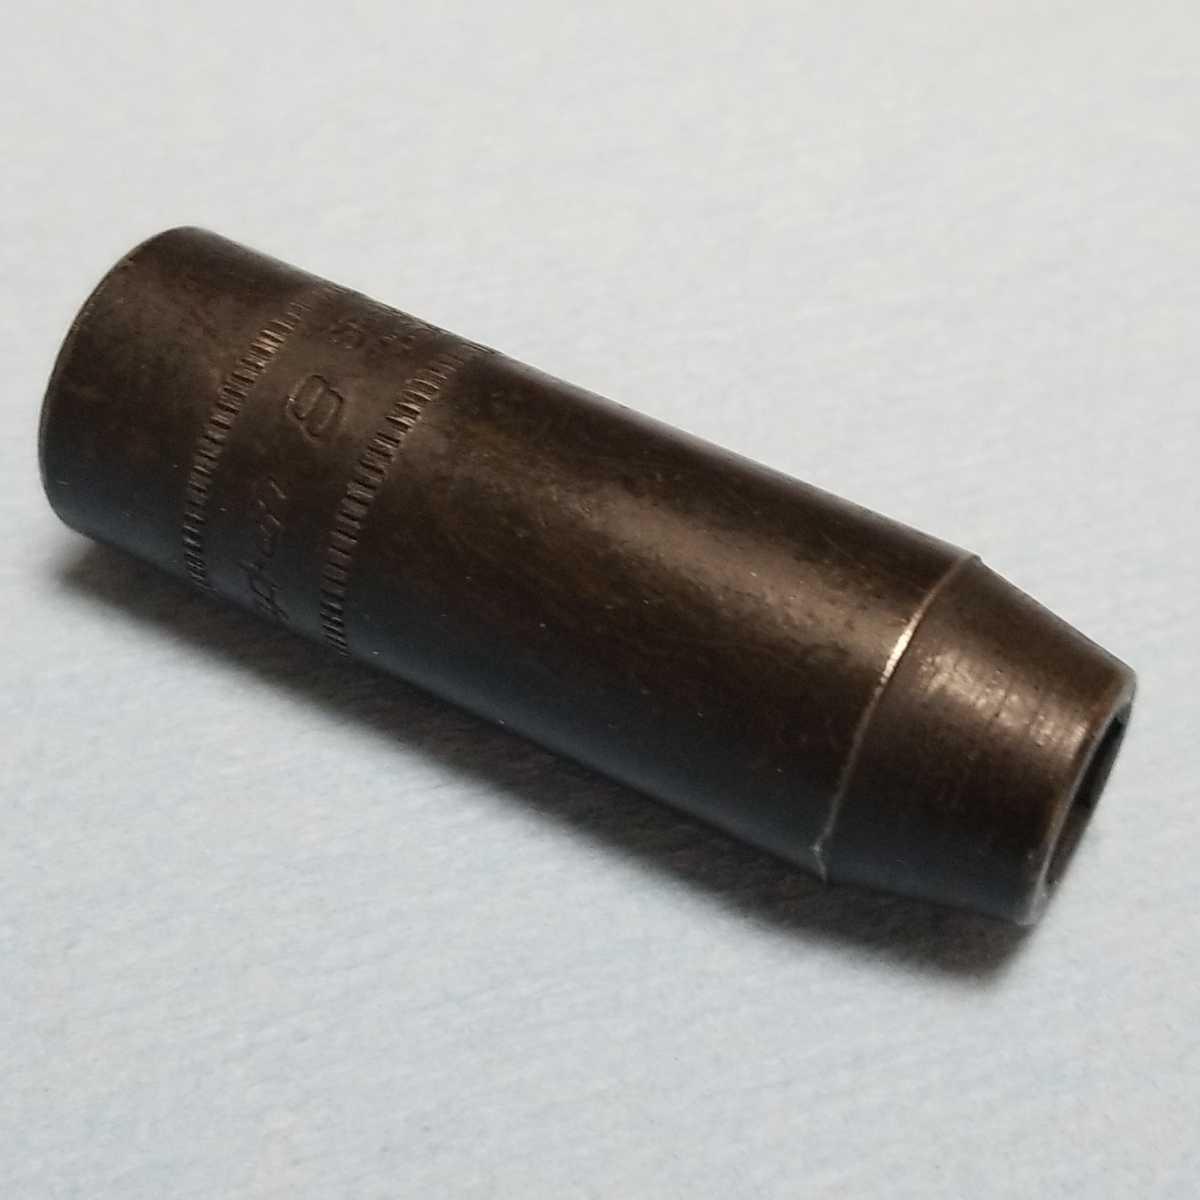 未使用 8mm 3/8 インパクト ディープ スナップオン SPFM8 (6角) 新品 保管品 SNAPON SNAP-ON ディープソケット ソケット _画像2